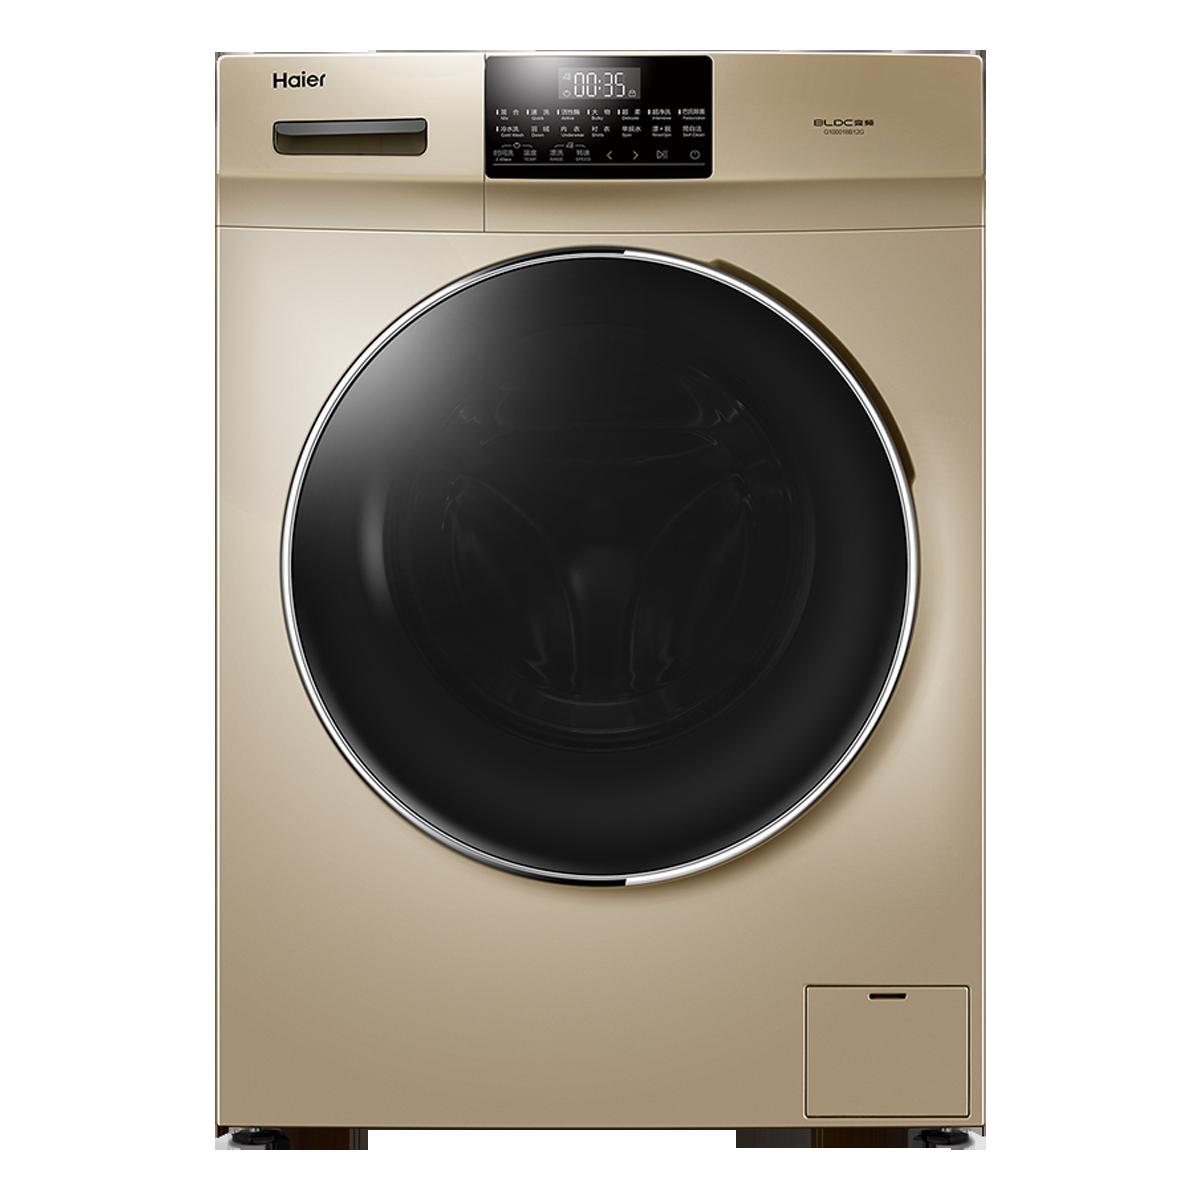 海尔Haier洗衣机 G100018B12G 说明书